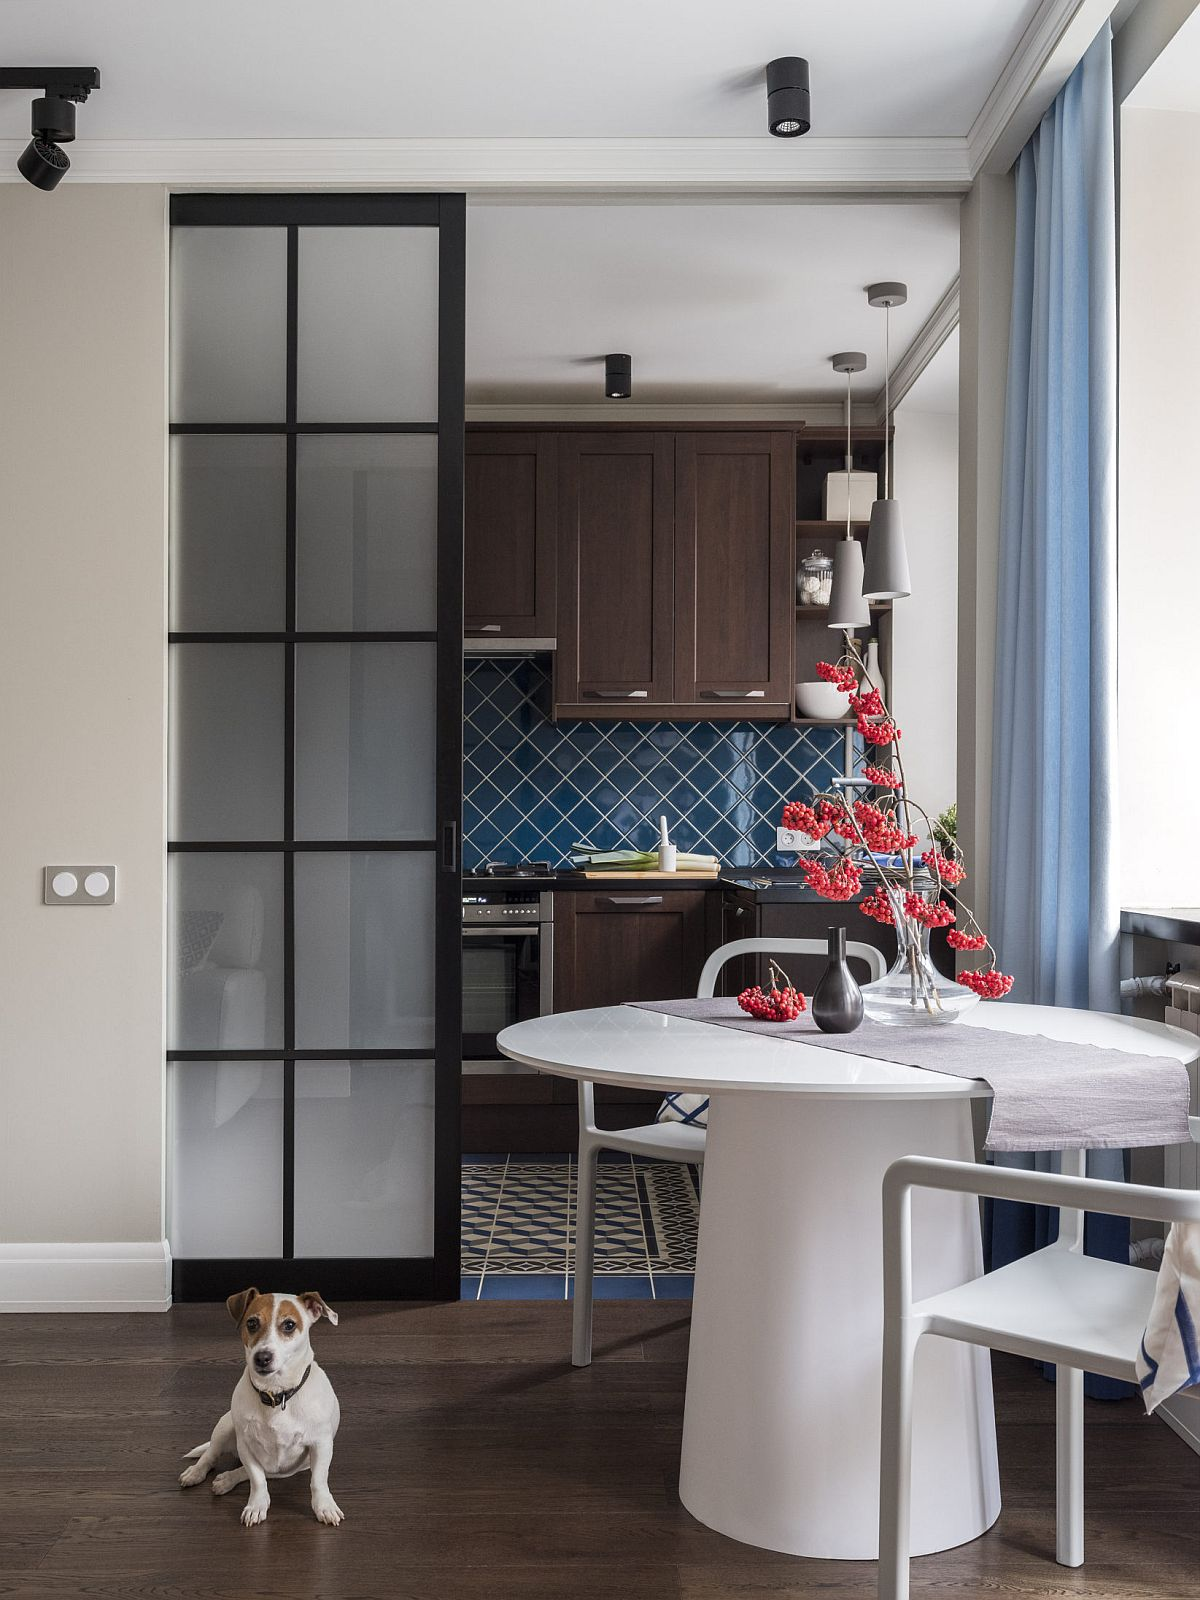 Ambientul a fost gândit coerent din punct de vedere al combinațiilor de culori și materiale, astfel că bucătăria completează vizual spațiul zonei de zi chiar și când ușa culisantă a bucătăriei este la vedere.